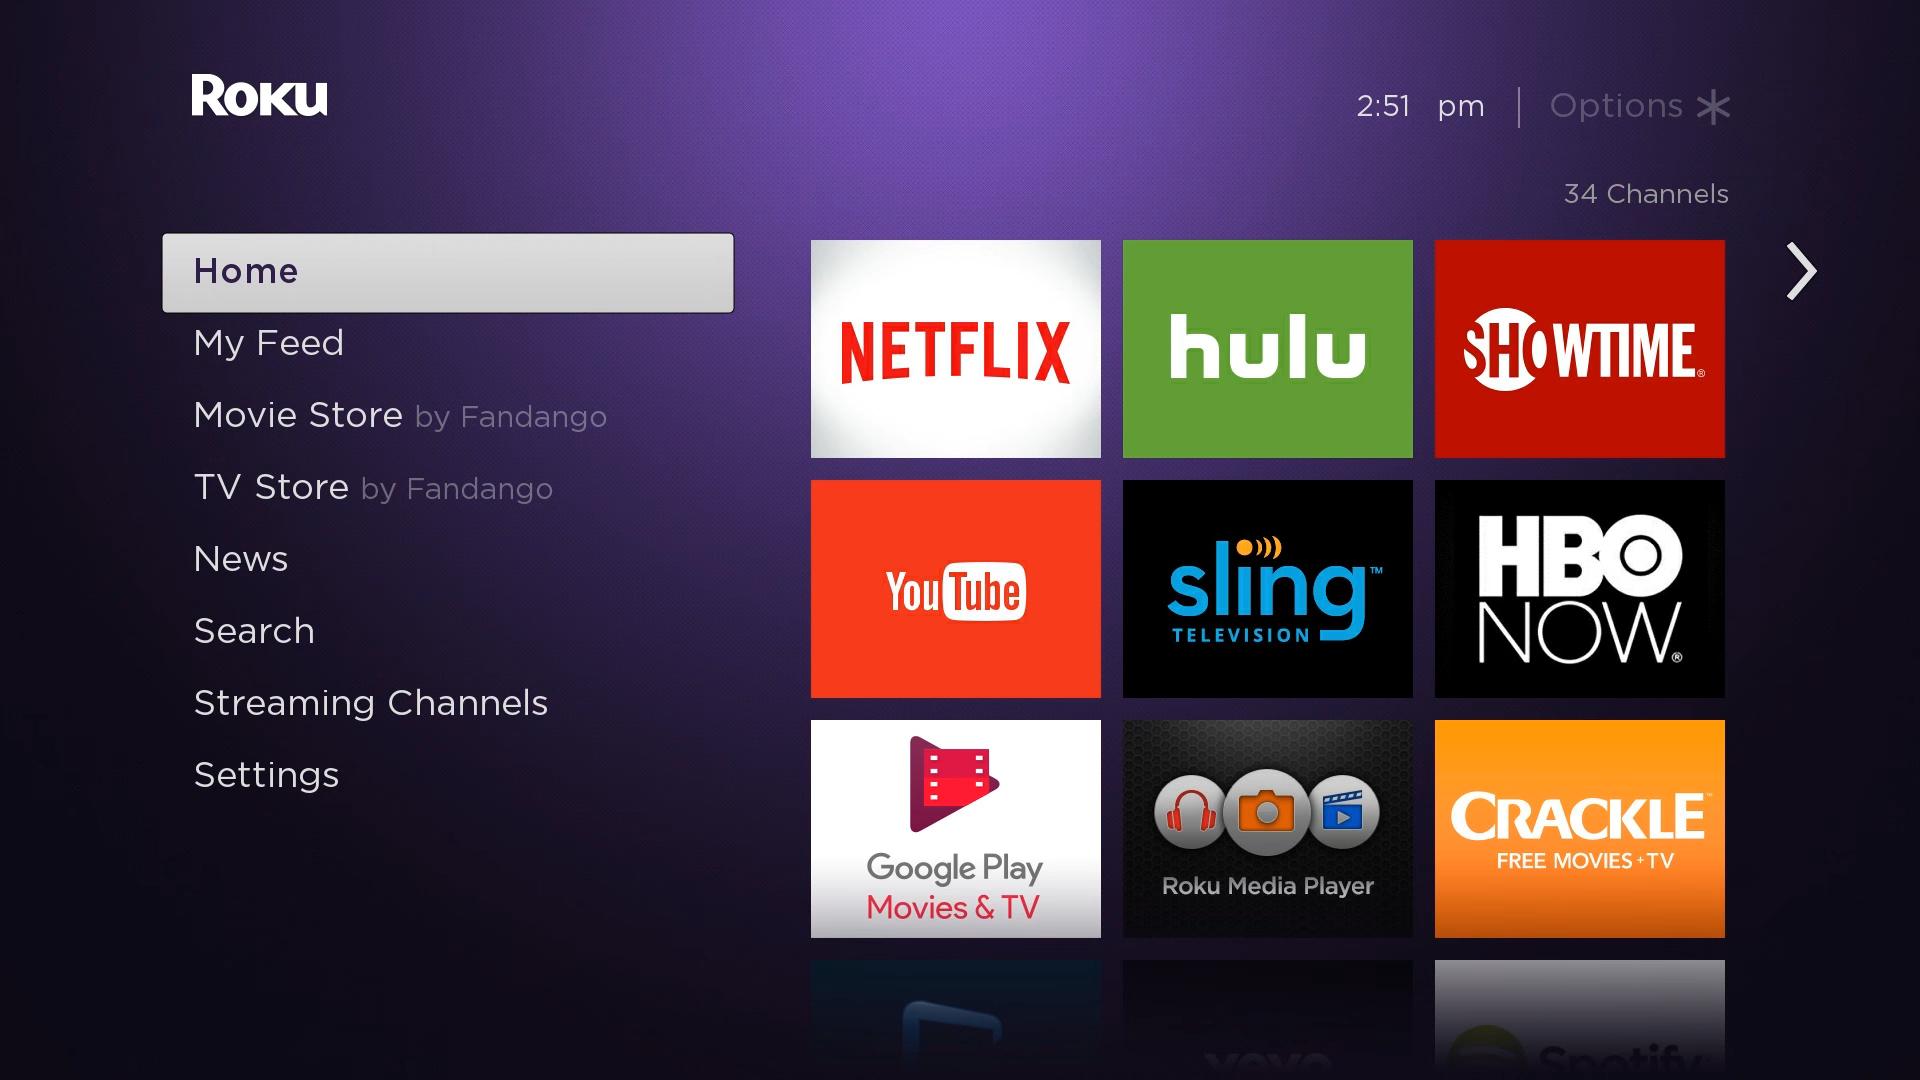 Roku TV home screen.